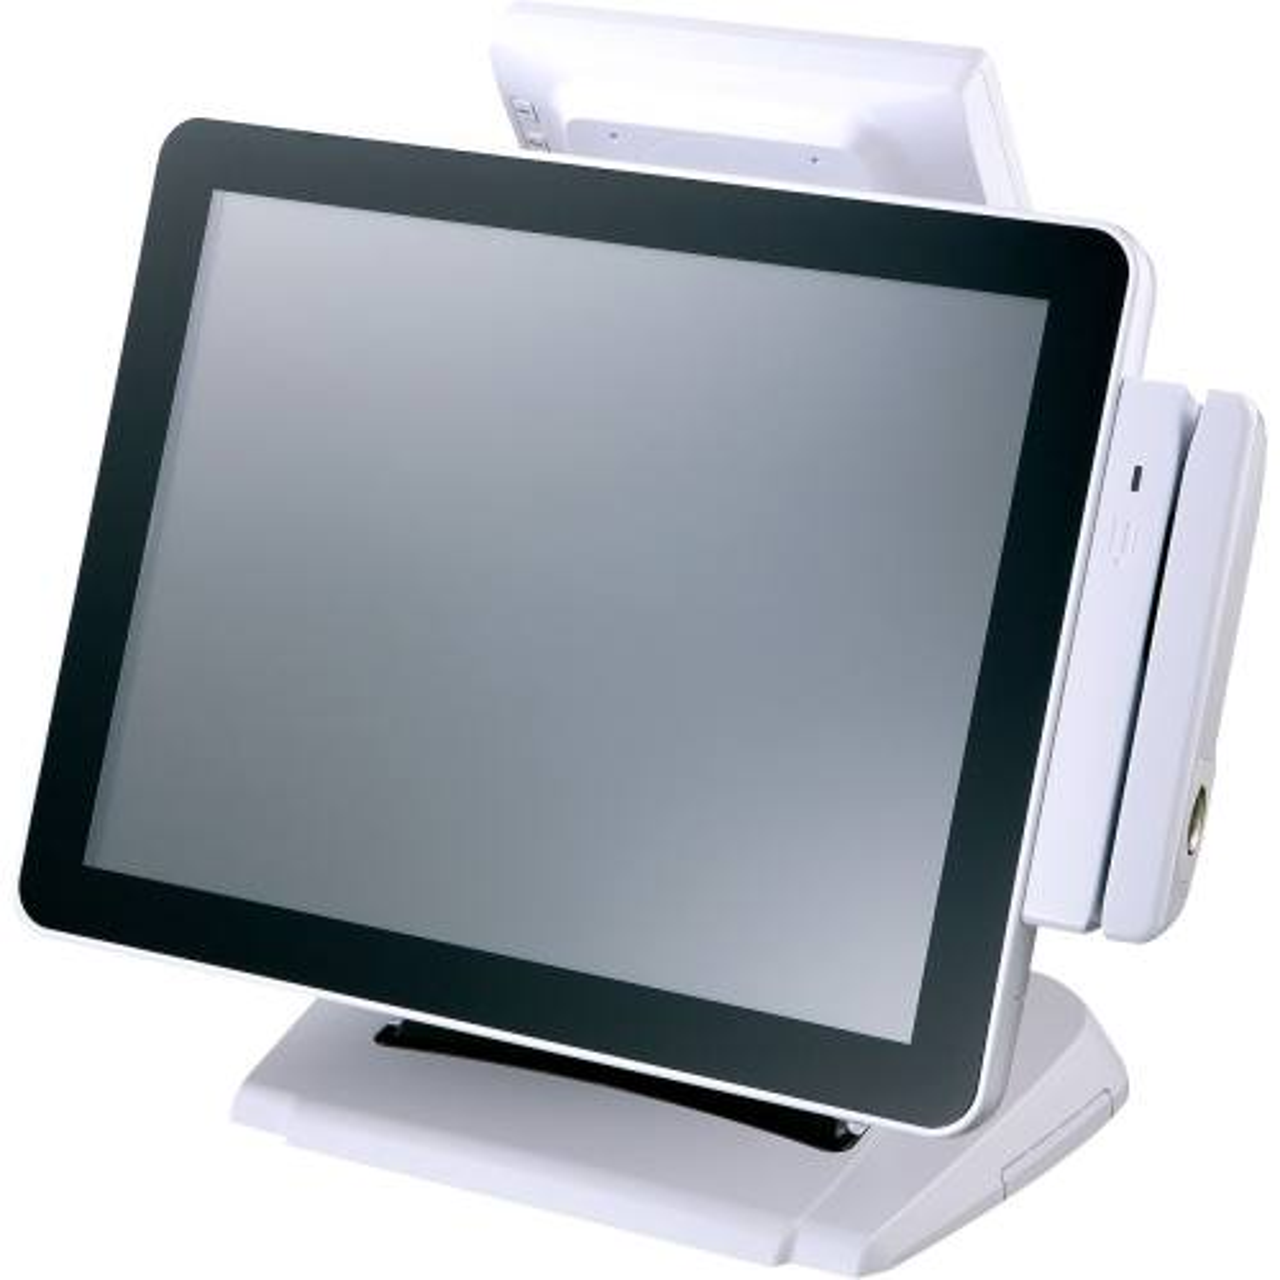 صندوق فروشگاهی POS لمسی سم فور اس مدل SPT-4800